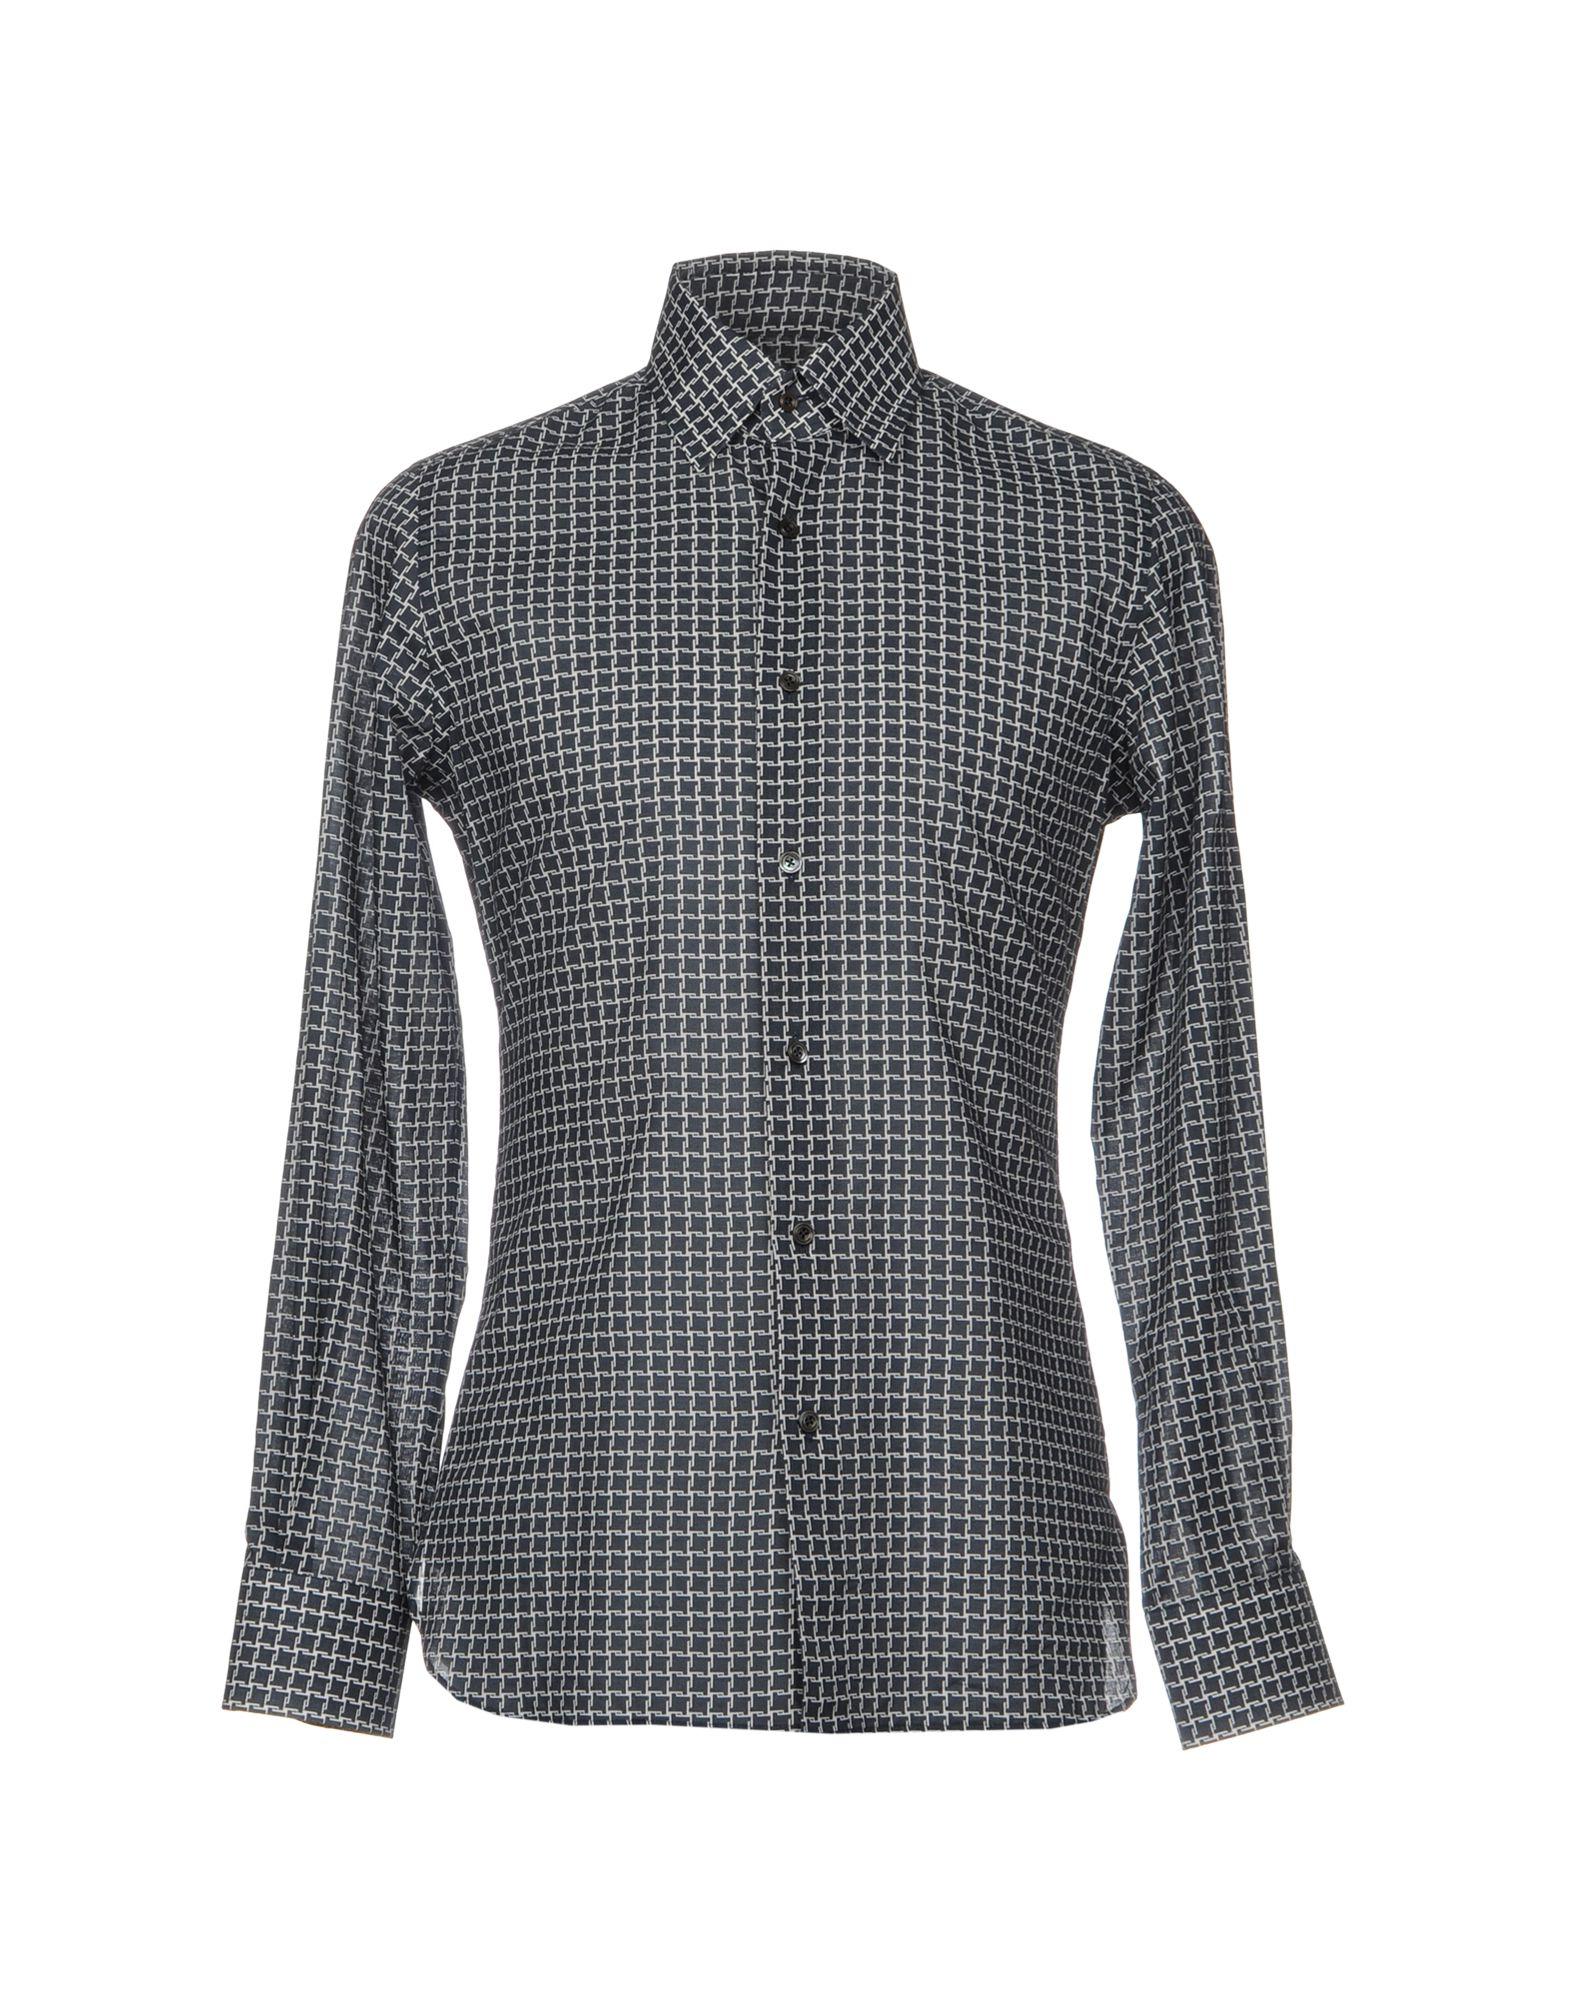 Camicia Fantasia Tom Ford Uomo - Acquista online su